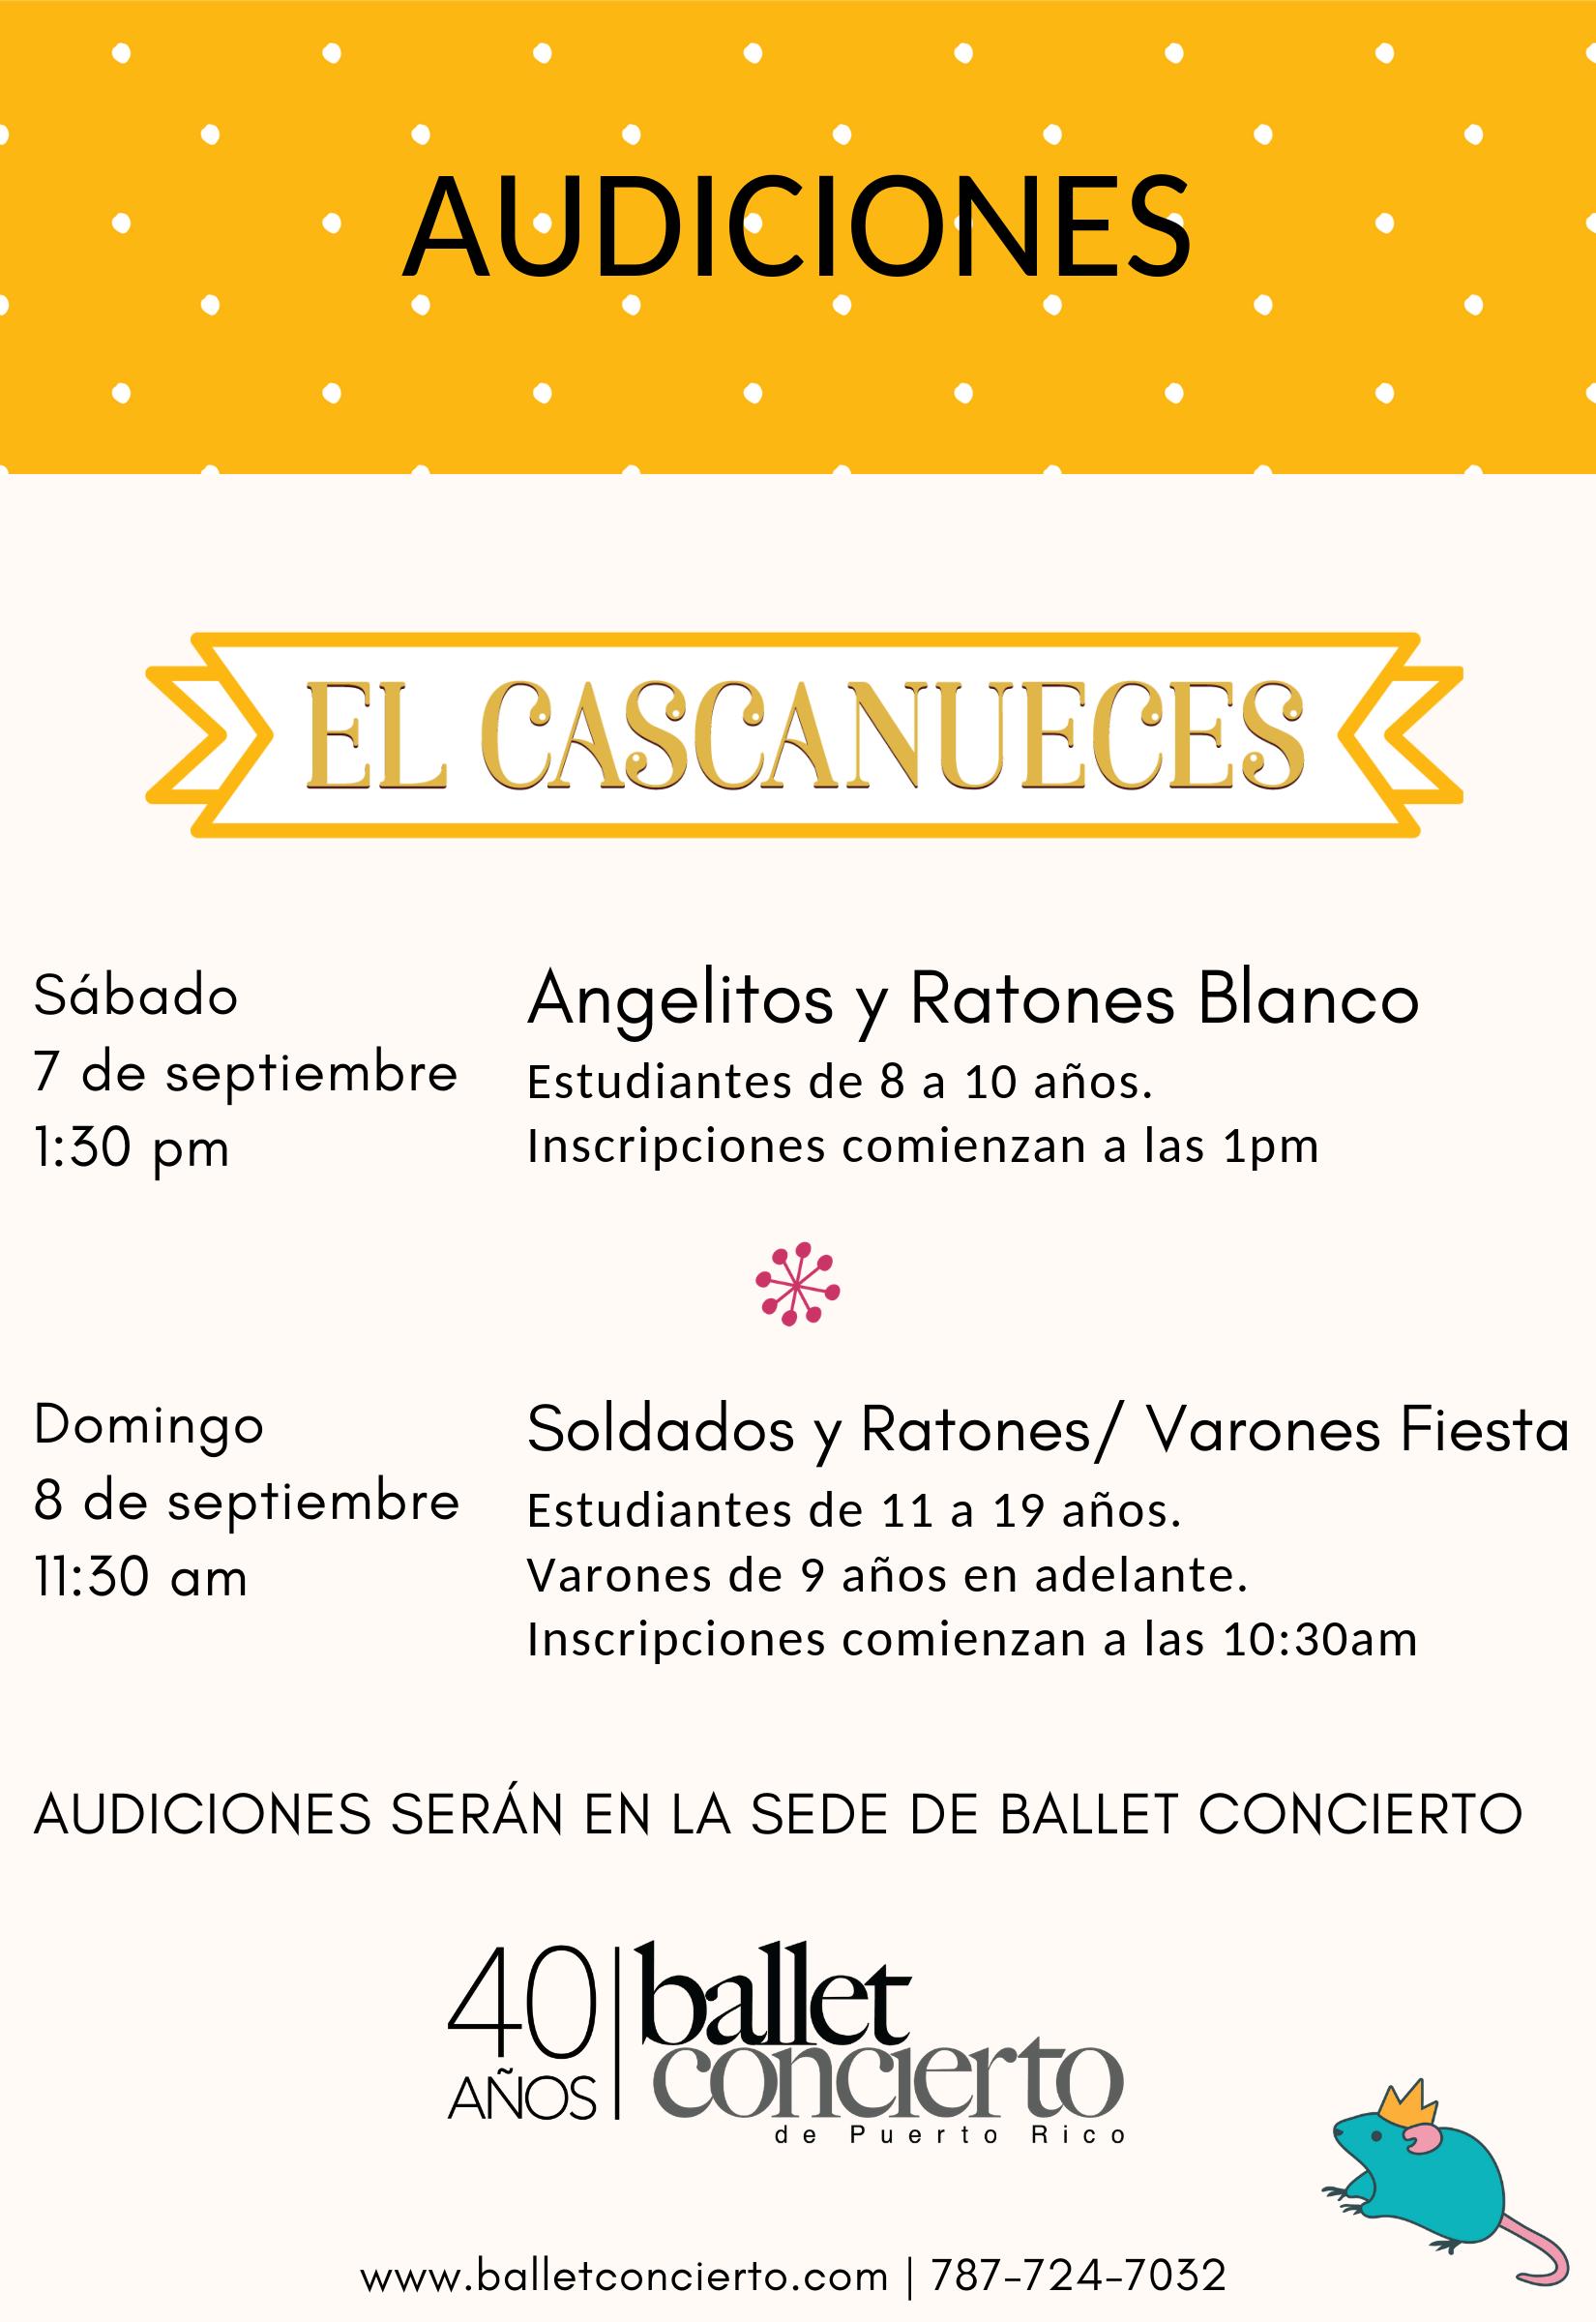 Copy of Audiciones.png